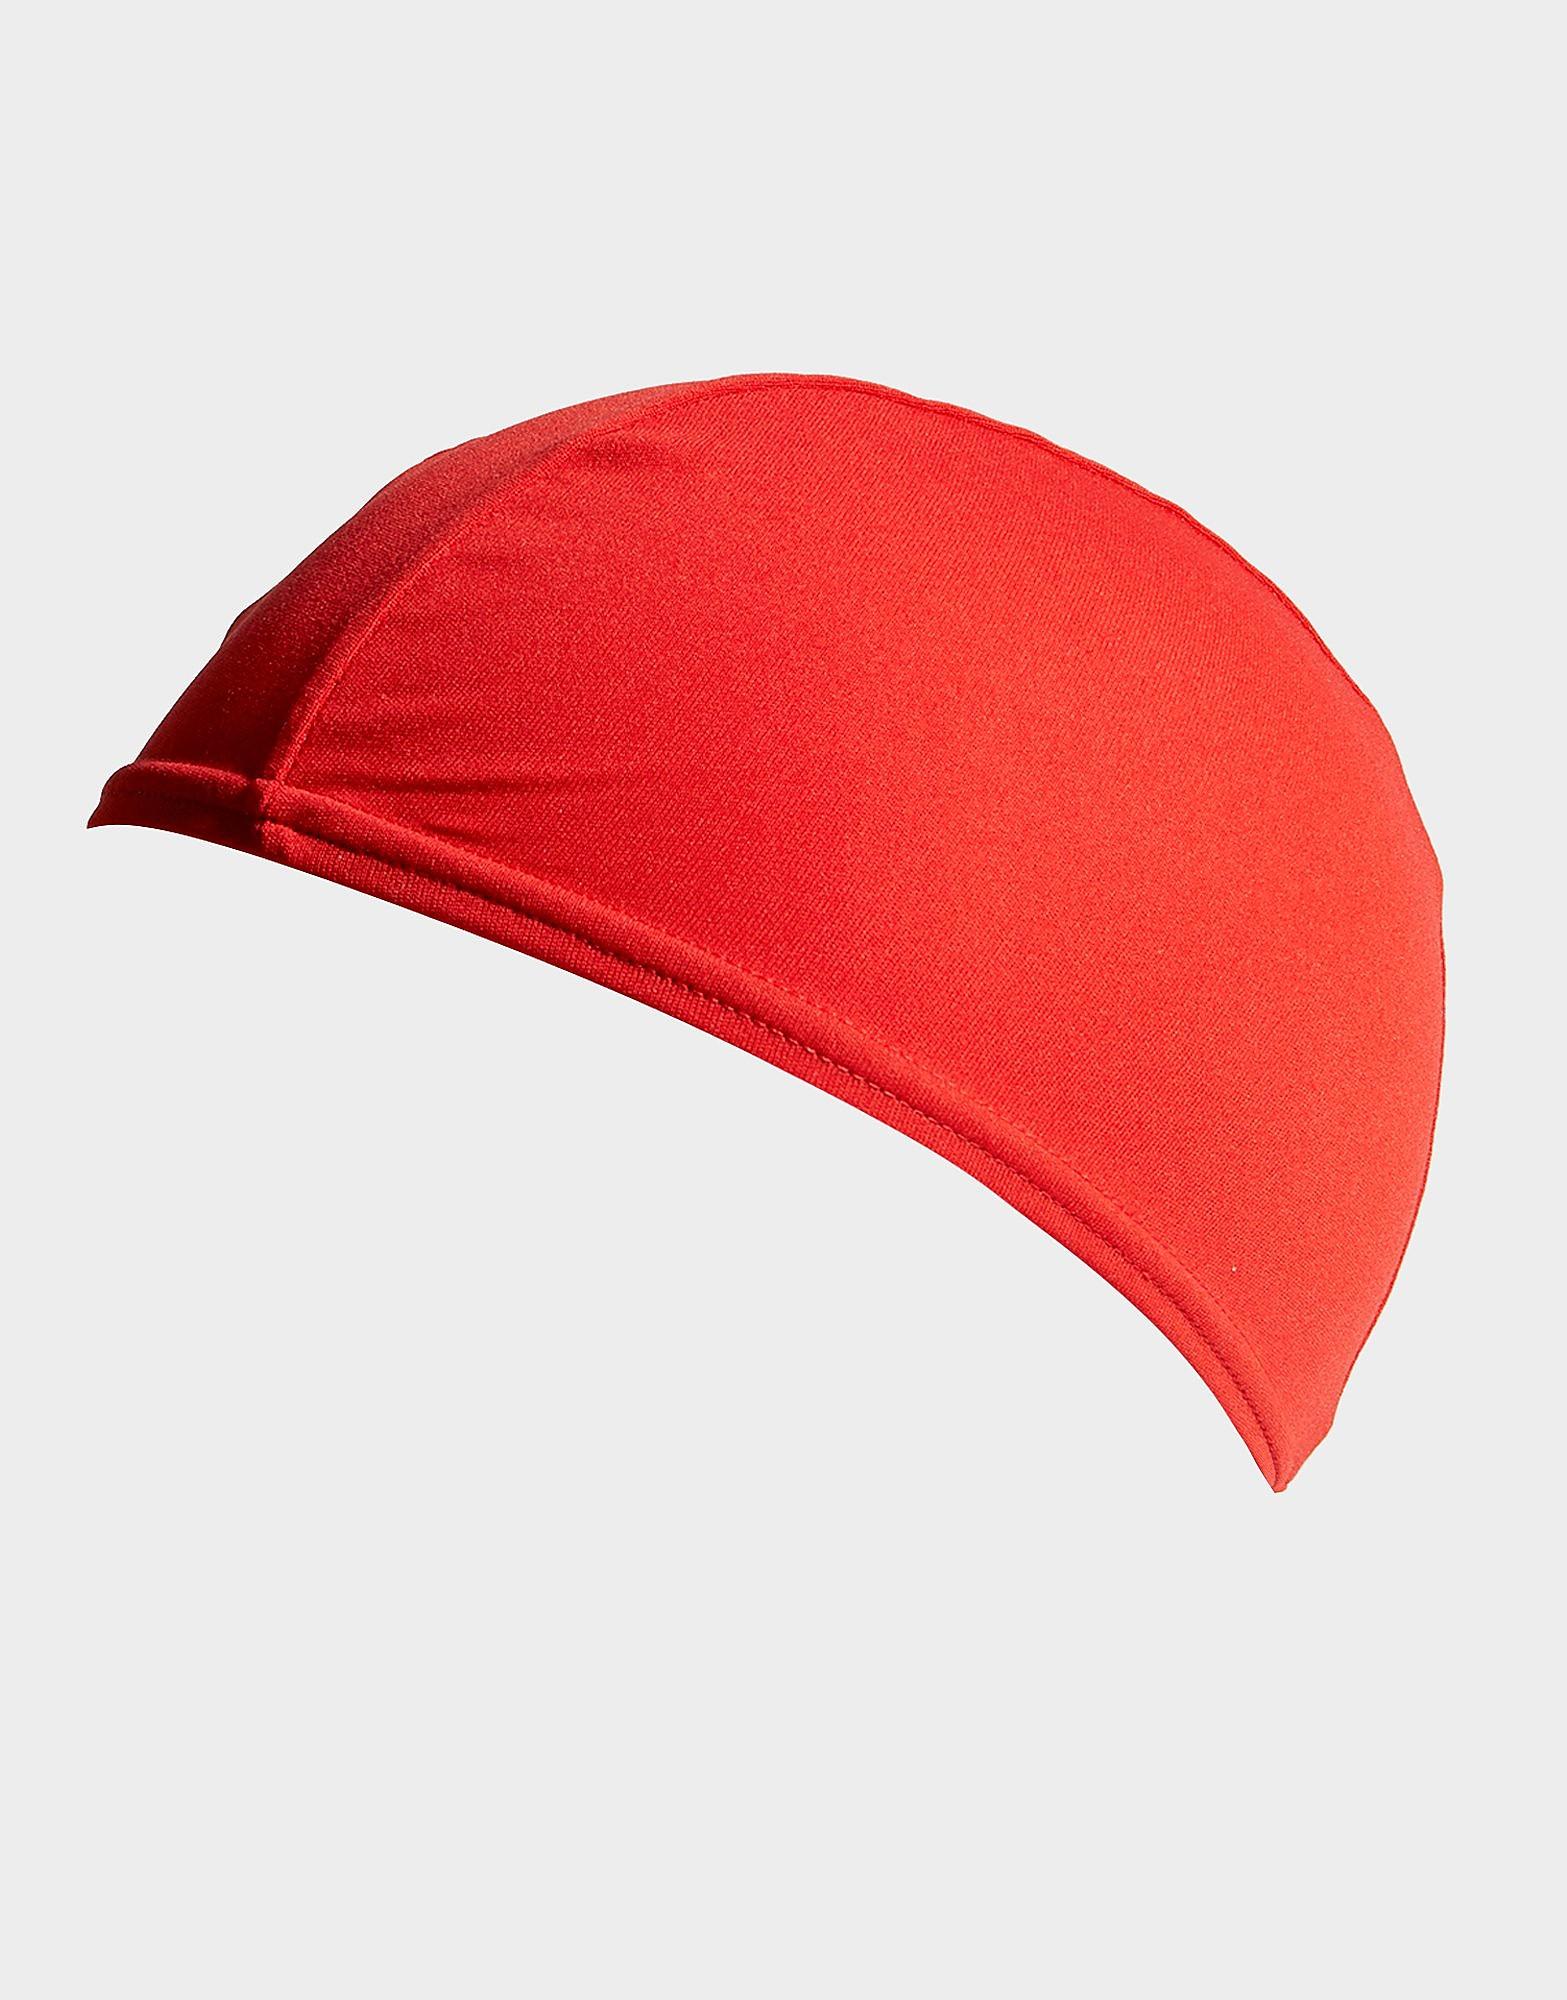 Speedo Plain Junior Swim Cap